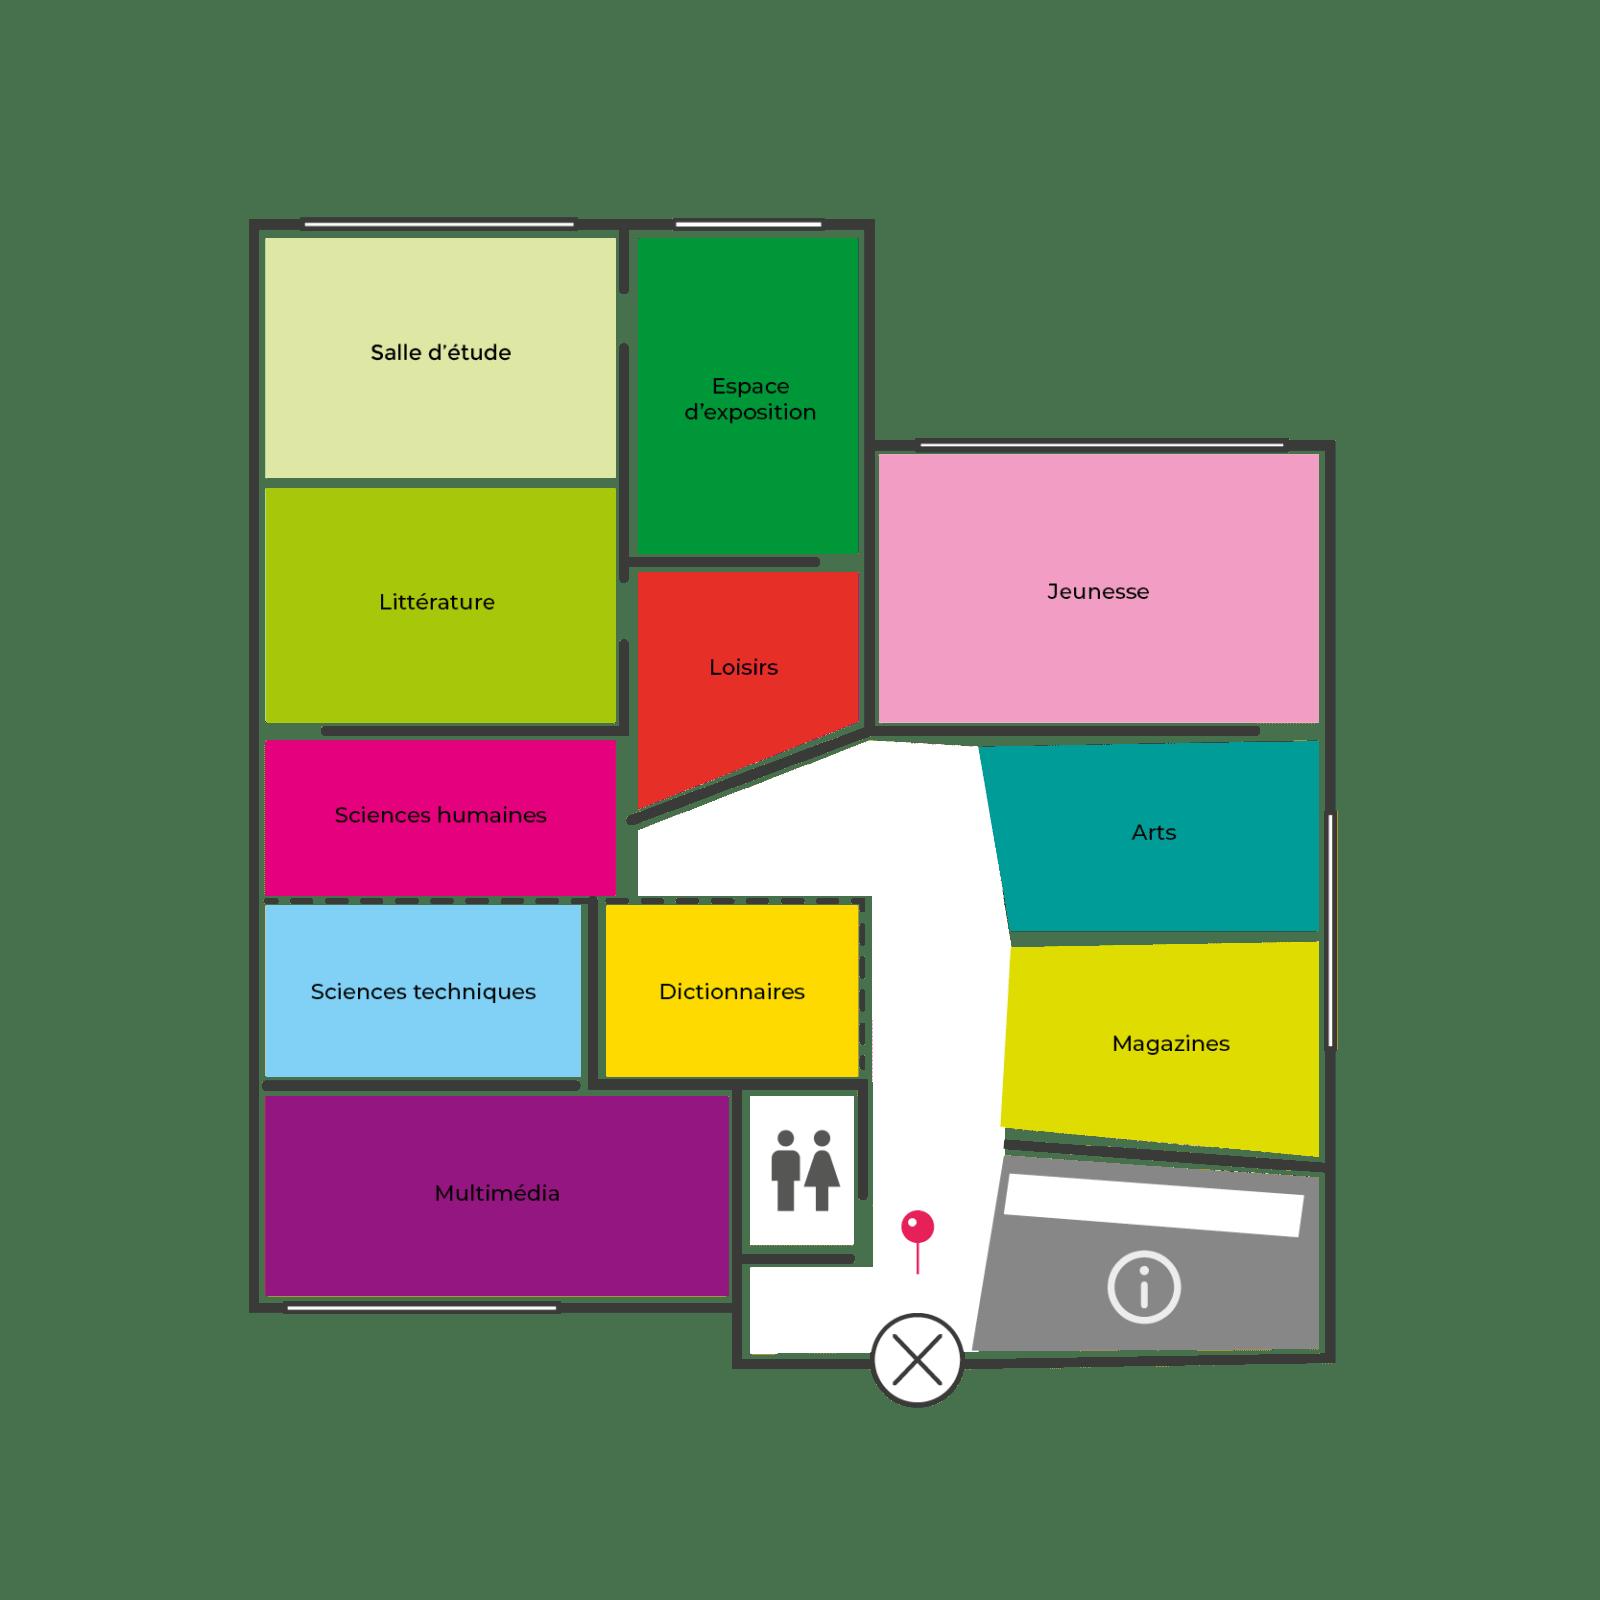 Plan de la médiathèque de Montreuil, création de Frédérique Hayaux du Tilly, graphiste designer c com'créa